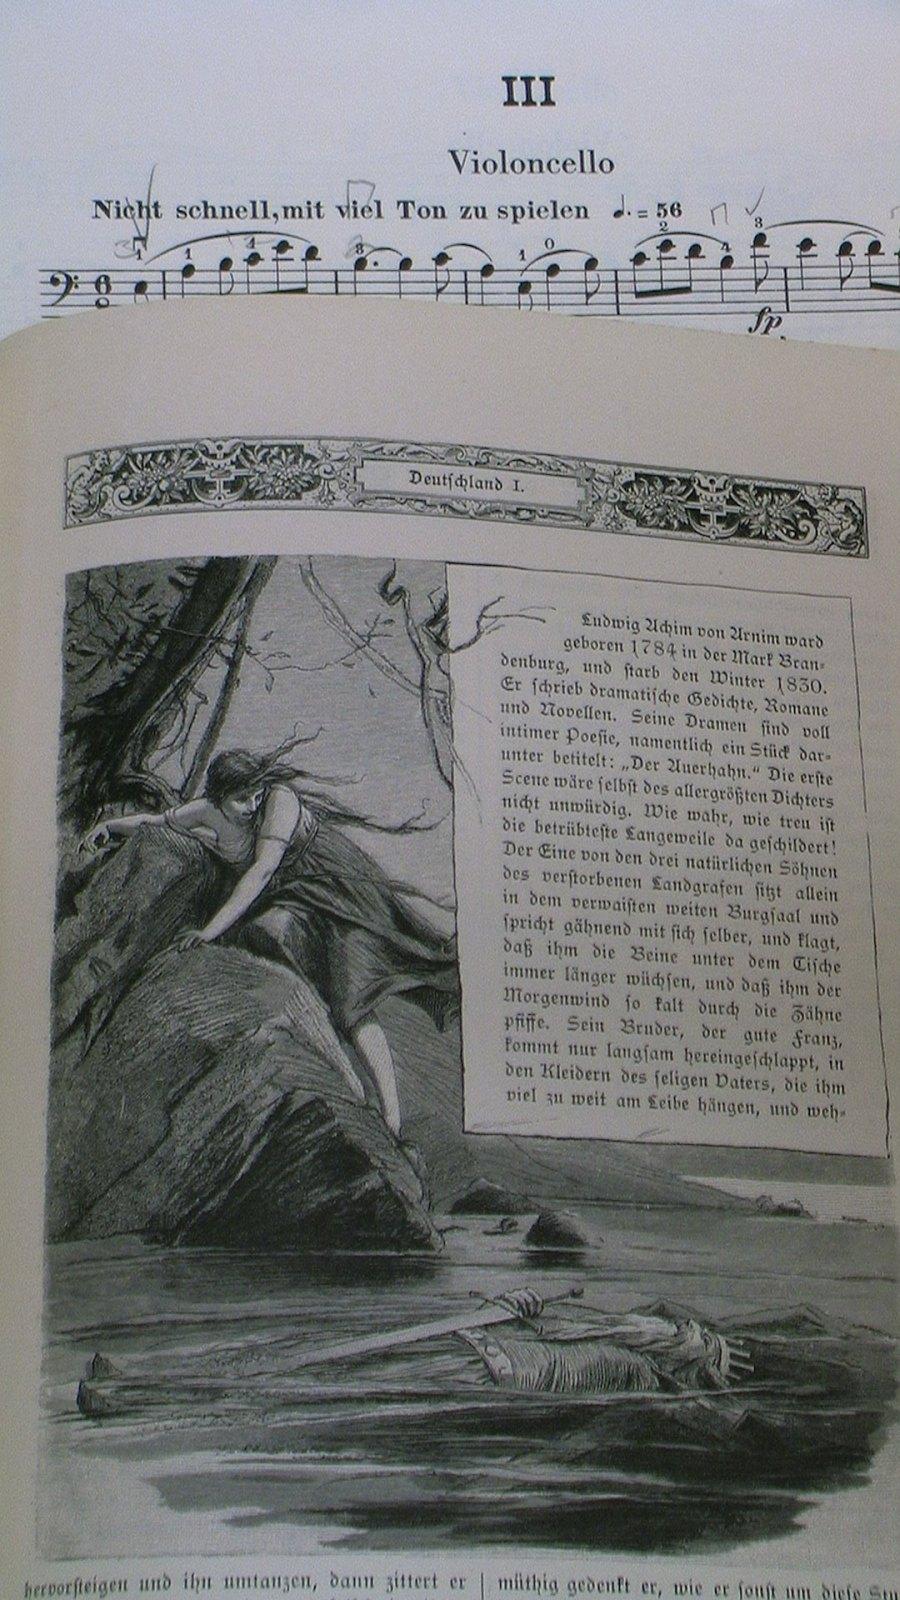 Etching from Heinrich Heine's _Deutschland_ in the old-script perfection of _Heine's Werke_, Band 3, s. 229.